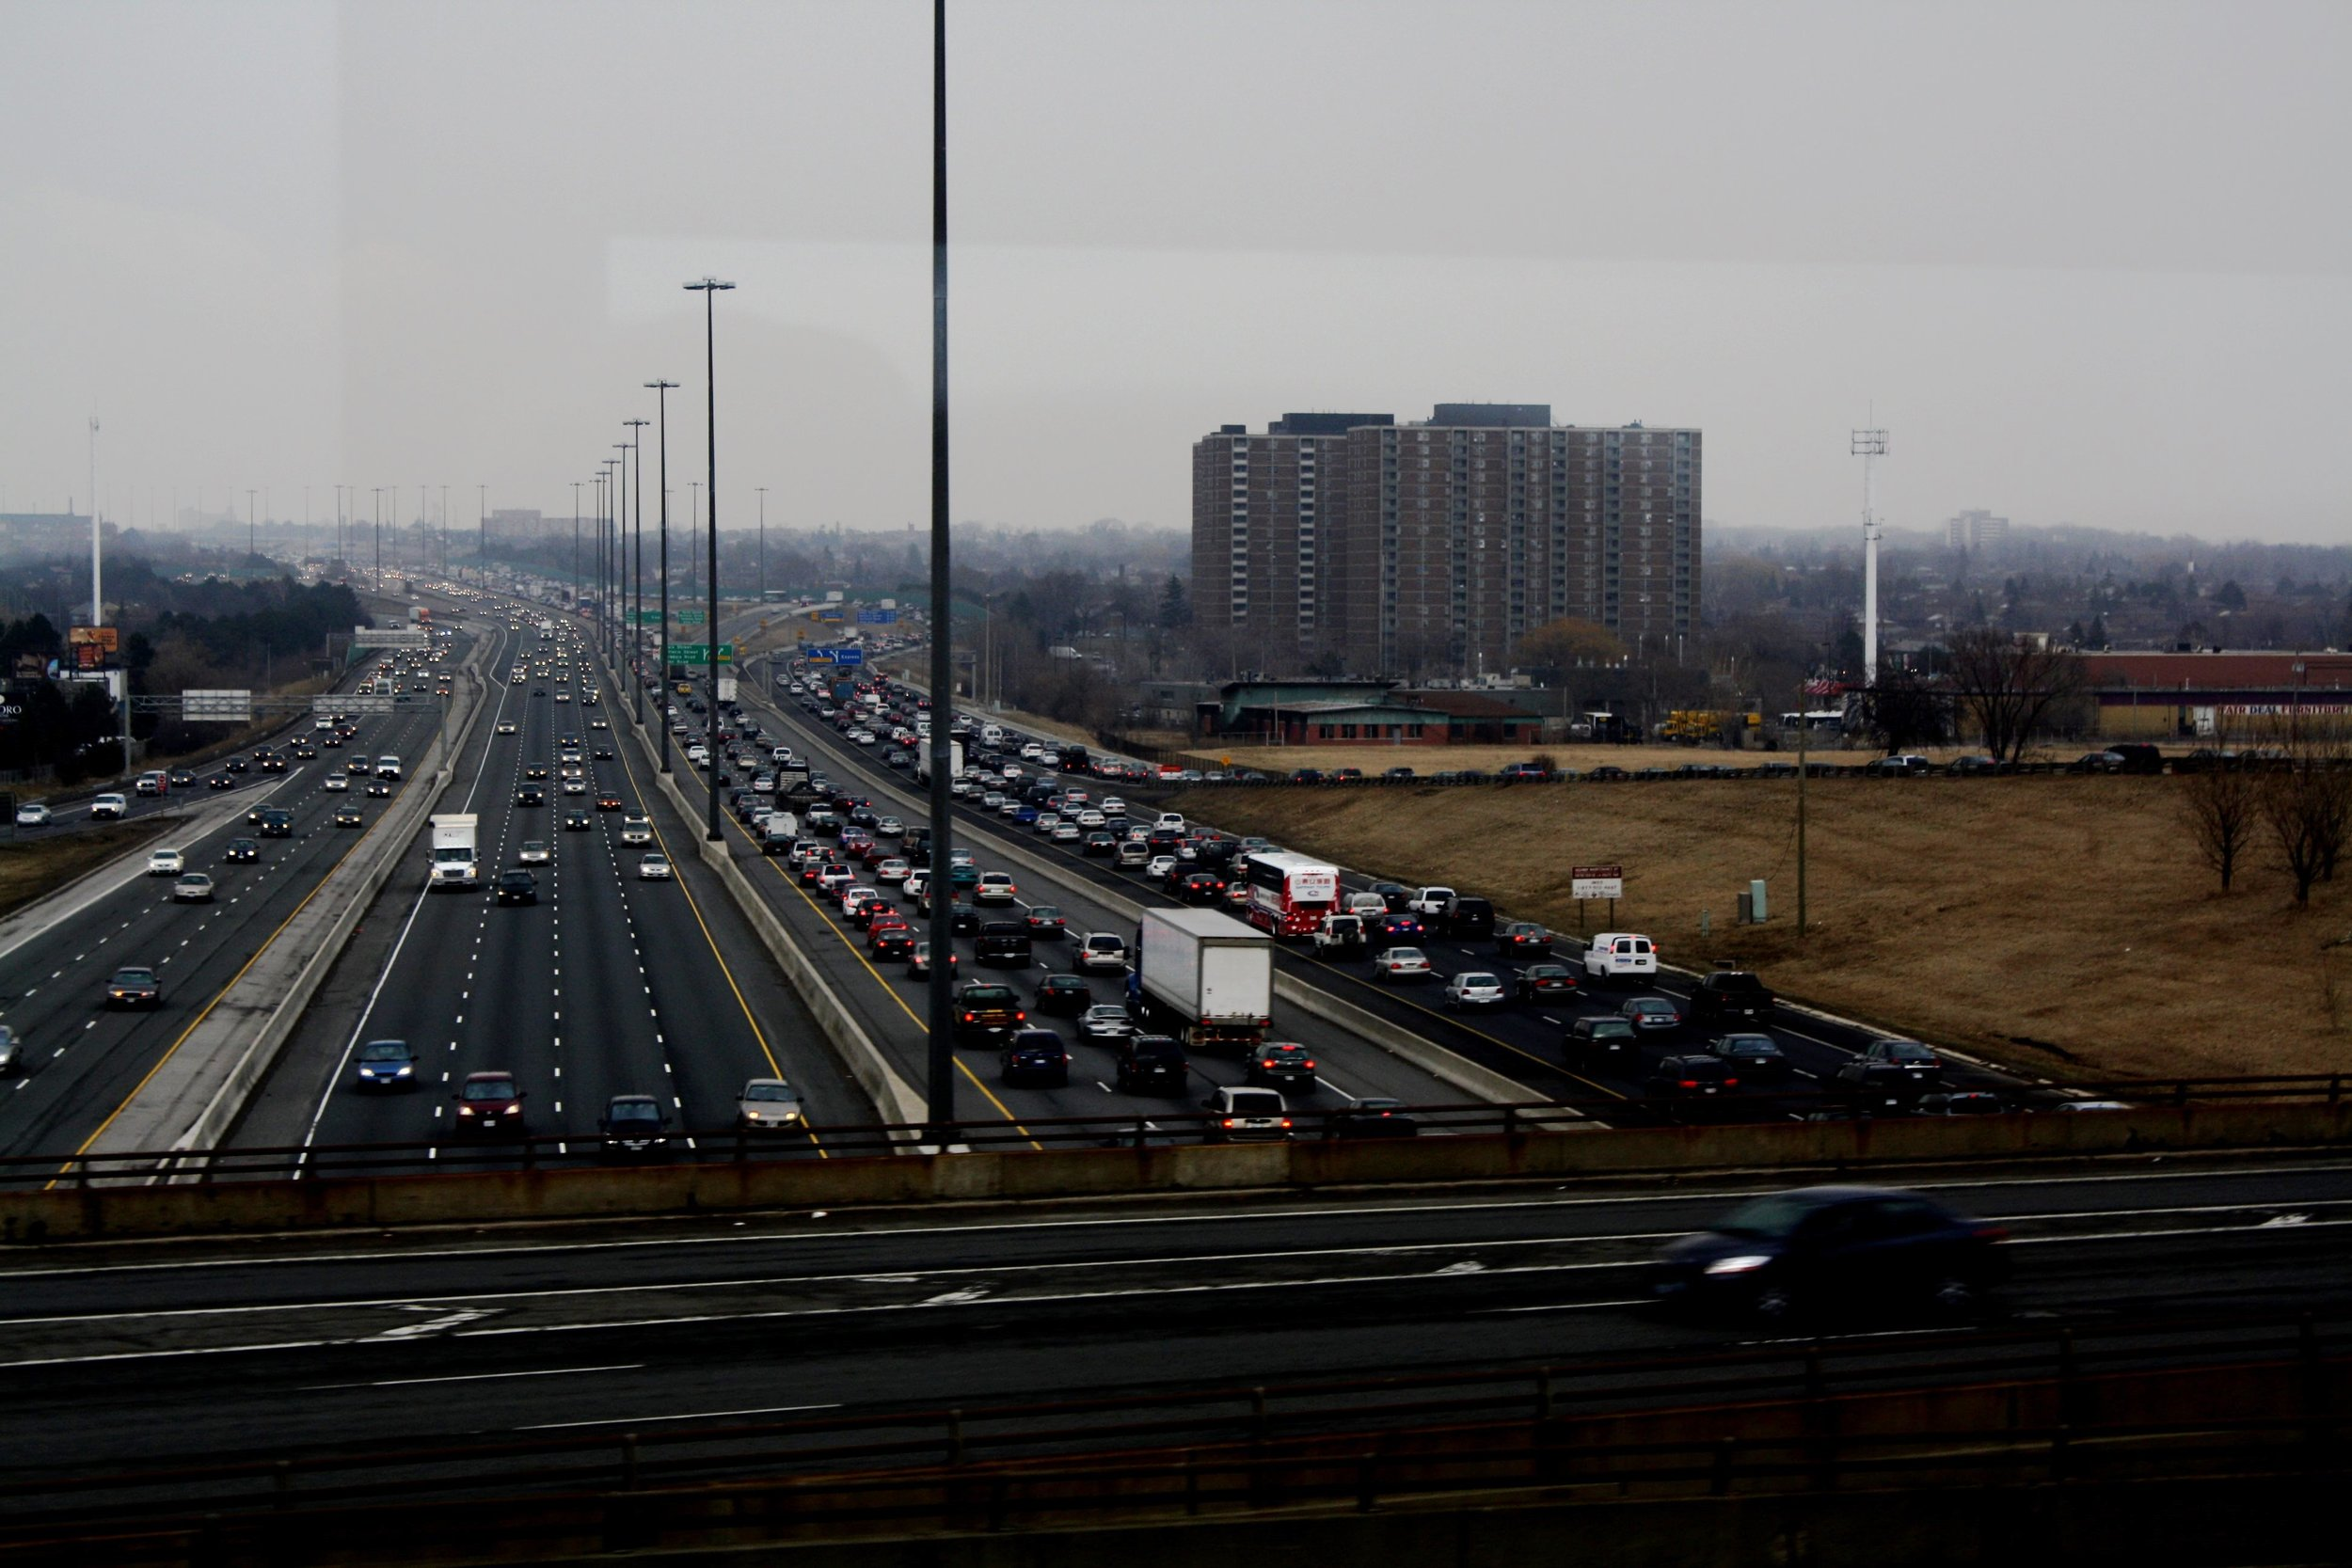 401_Traffic_Jam.jpg